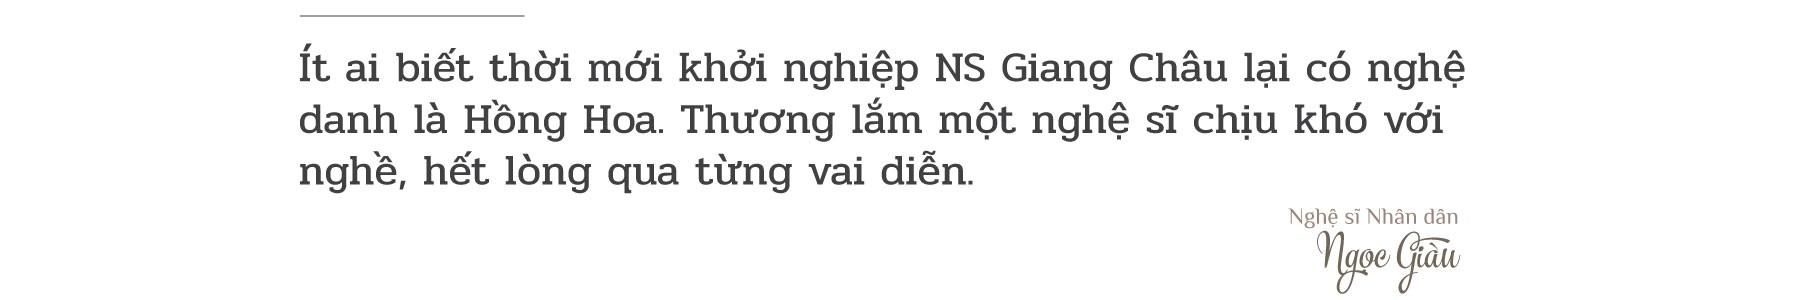 [eMagazine] - Đồng nghiệp khóc khi hay tin Trùm sò Giang Châu qua đời - Ảnh 3.